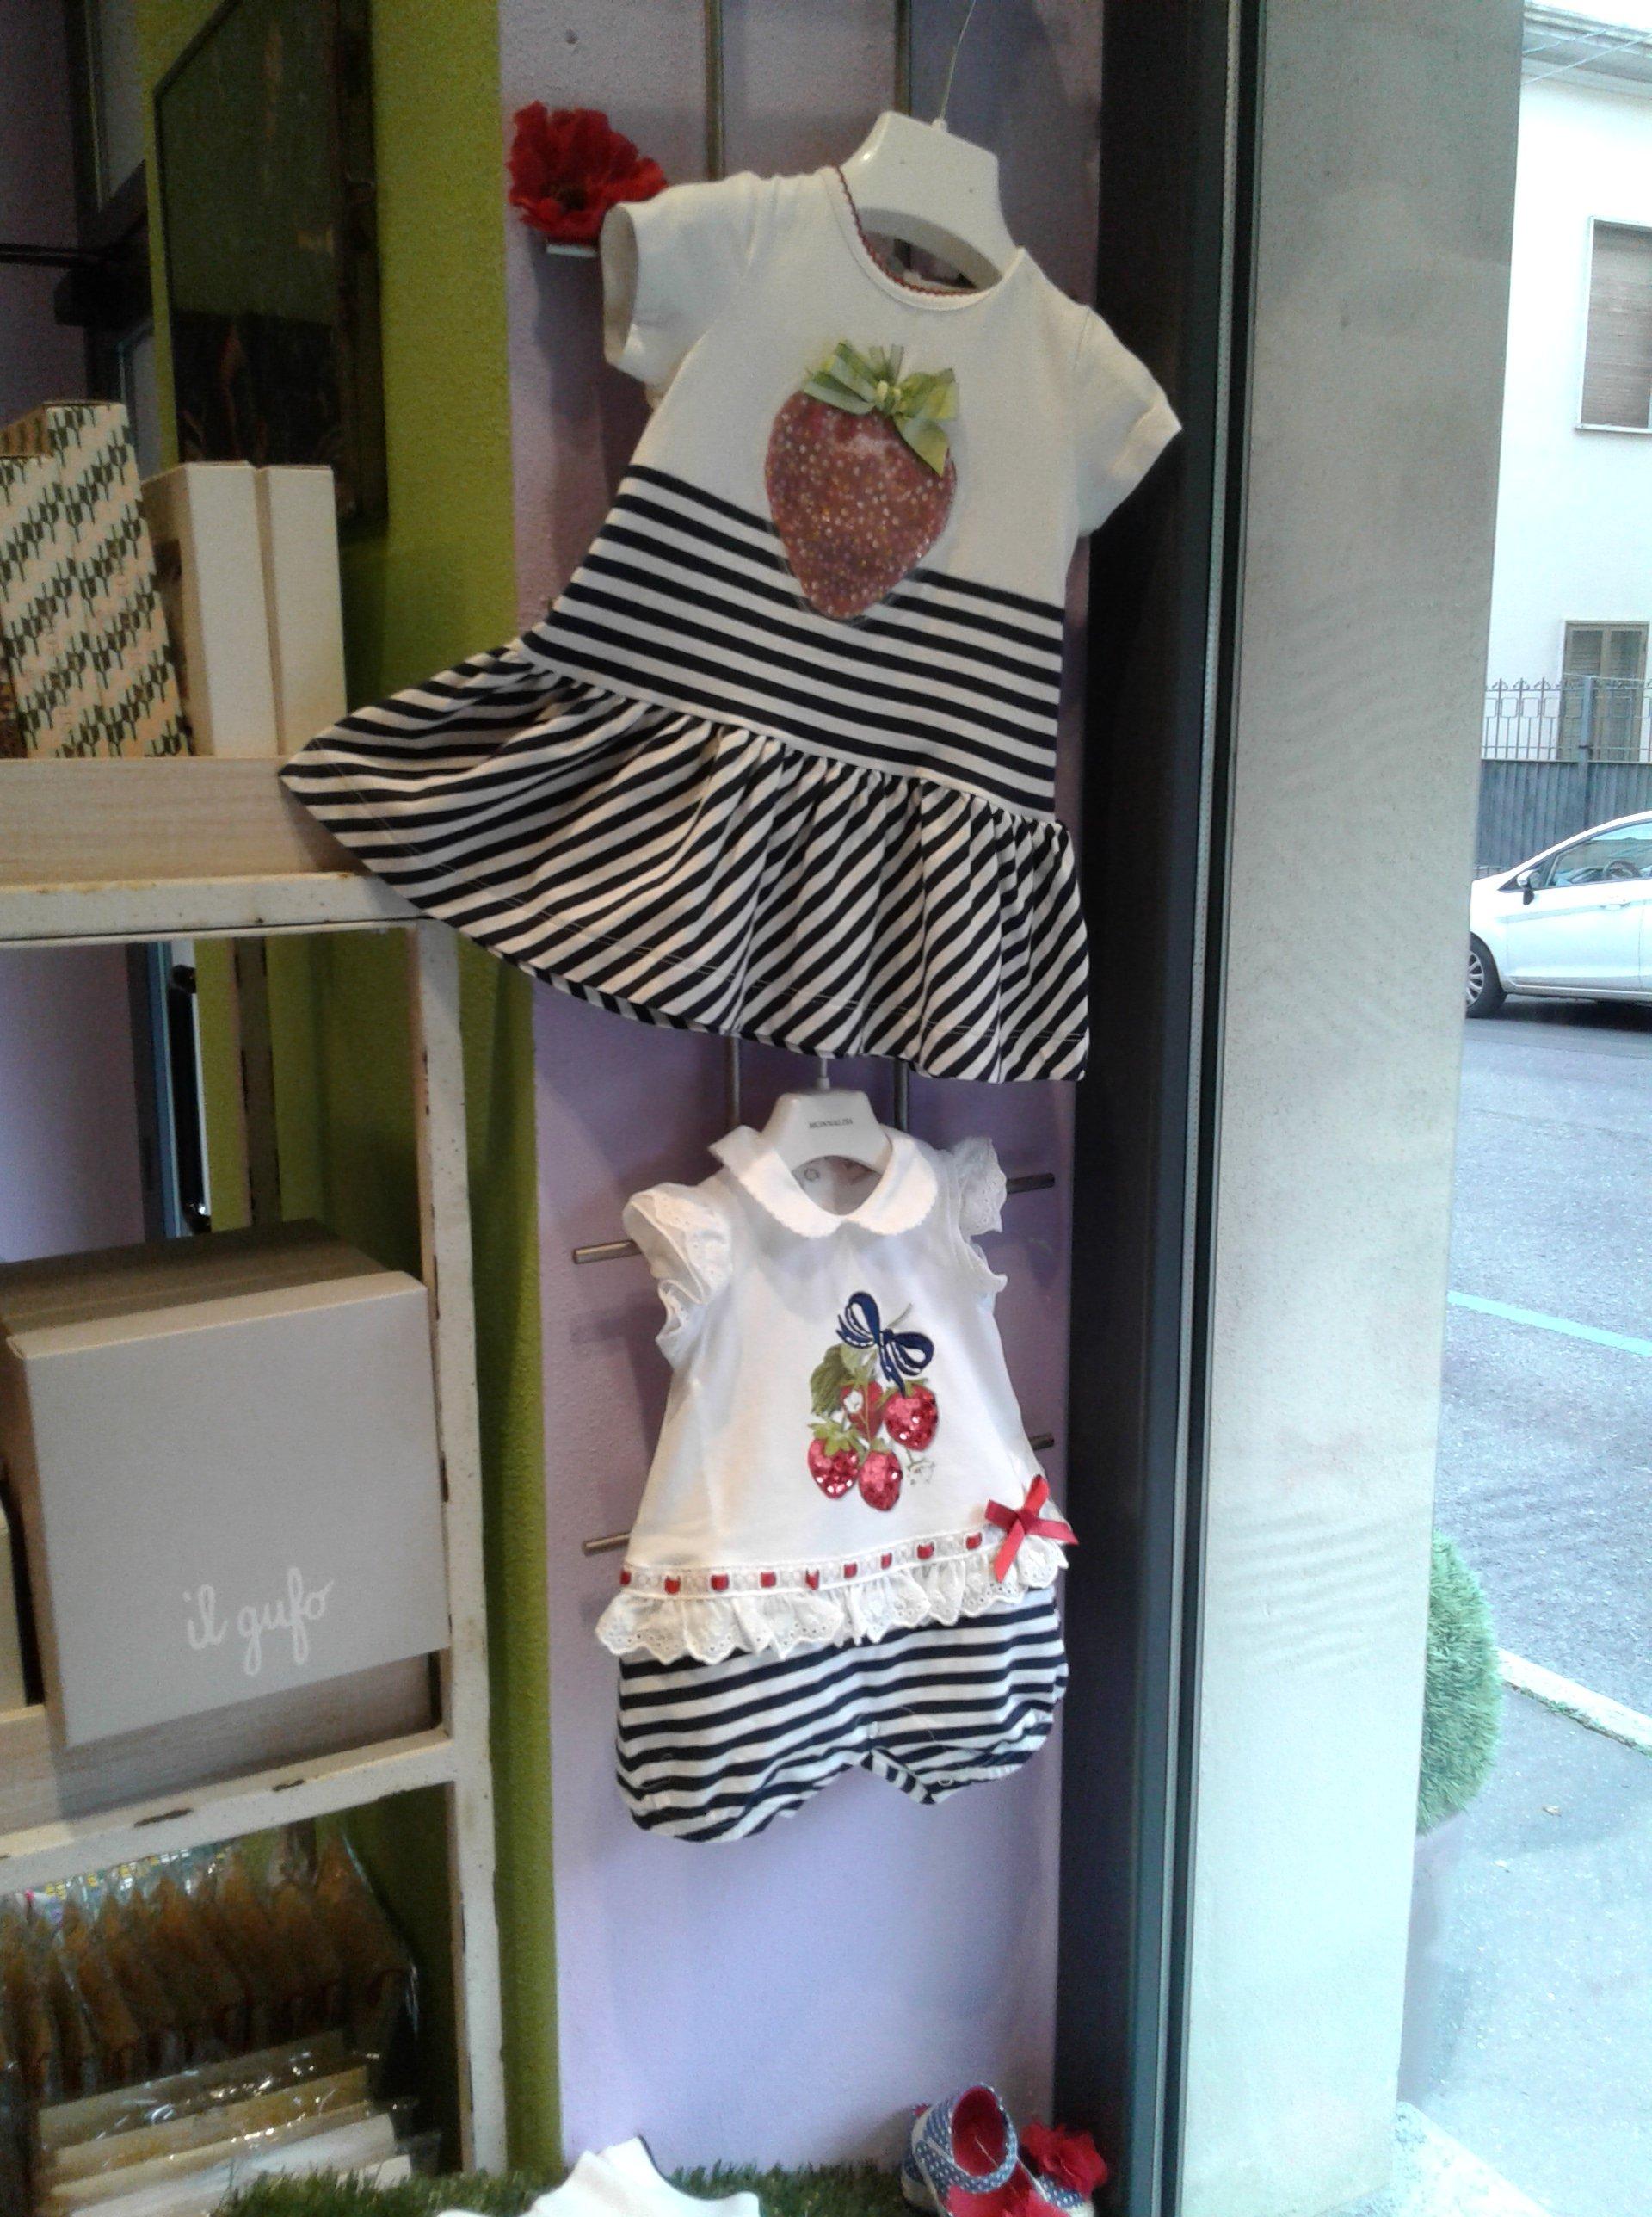 vetrina di un negozio di abbigliamento